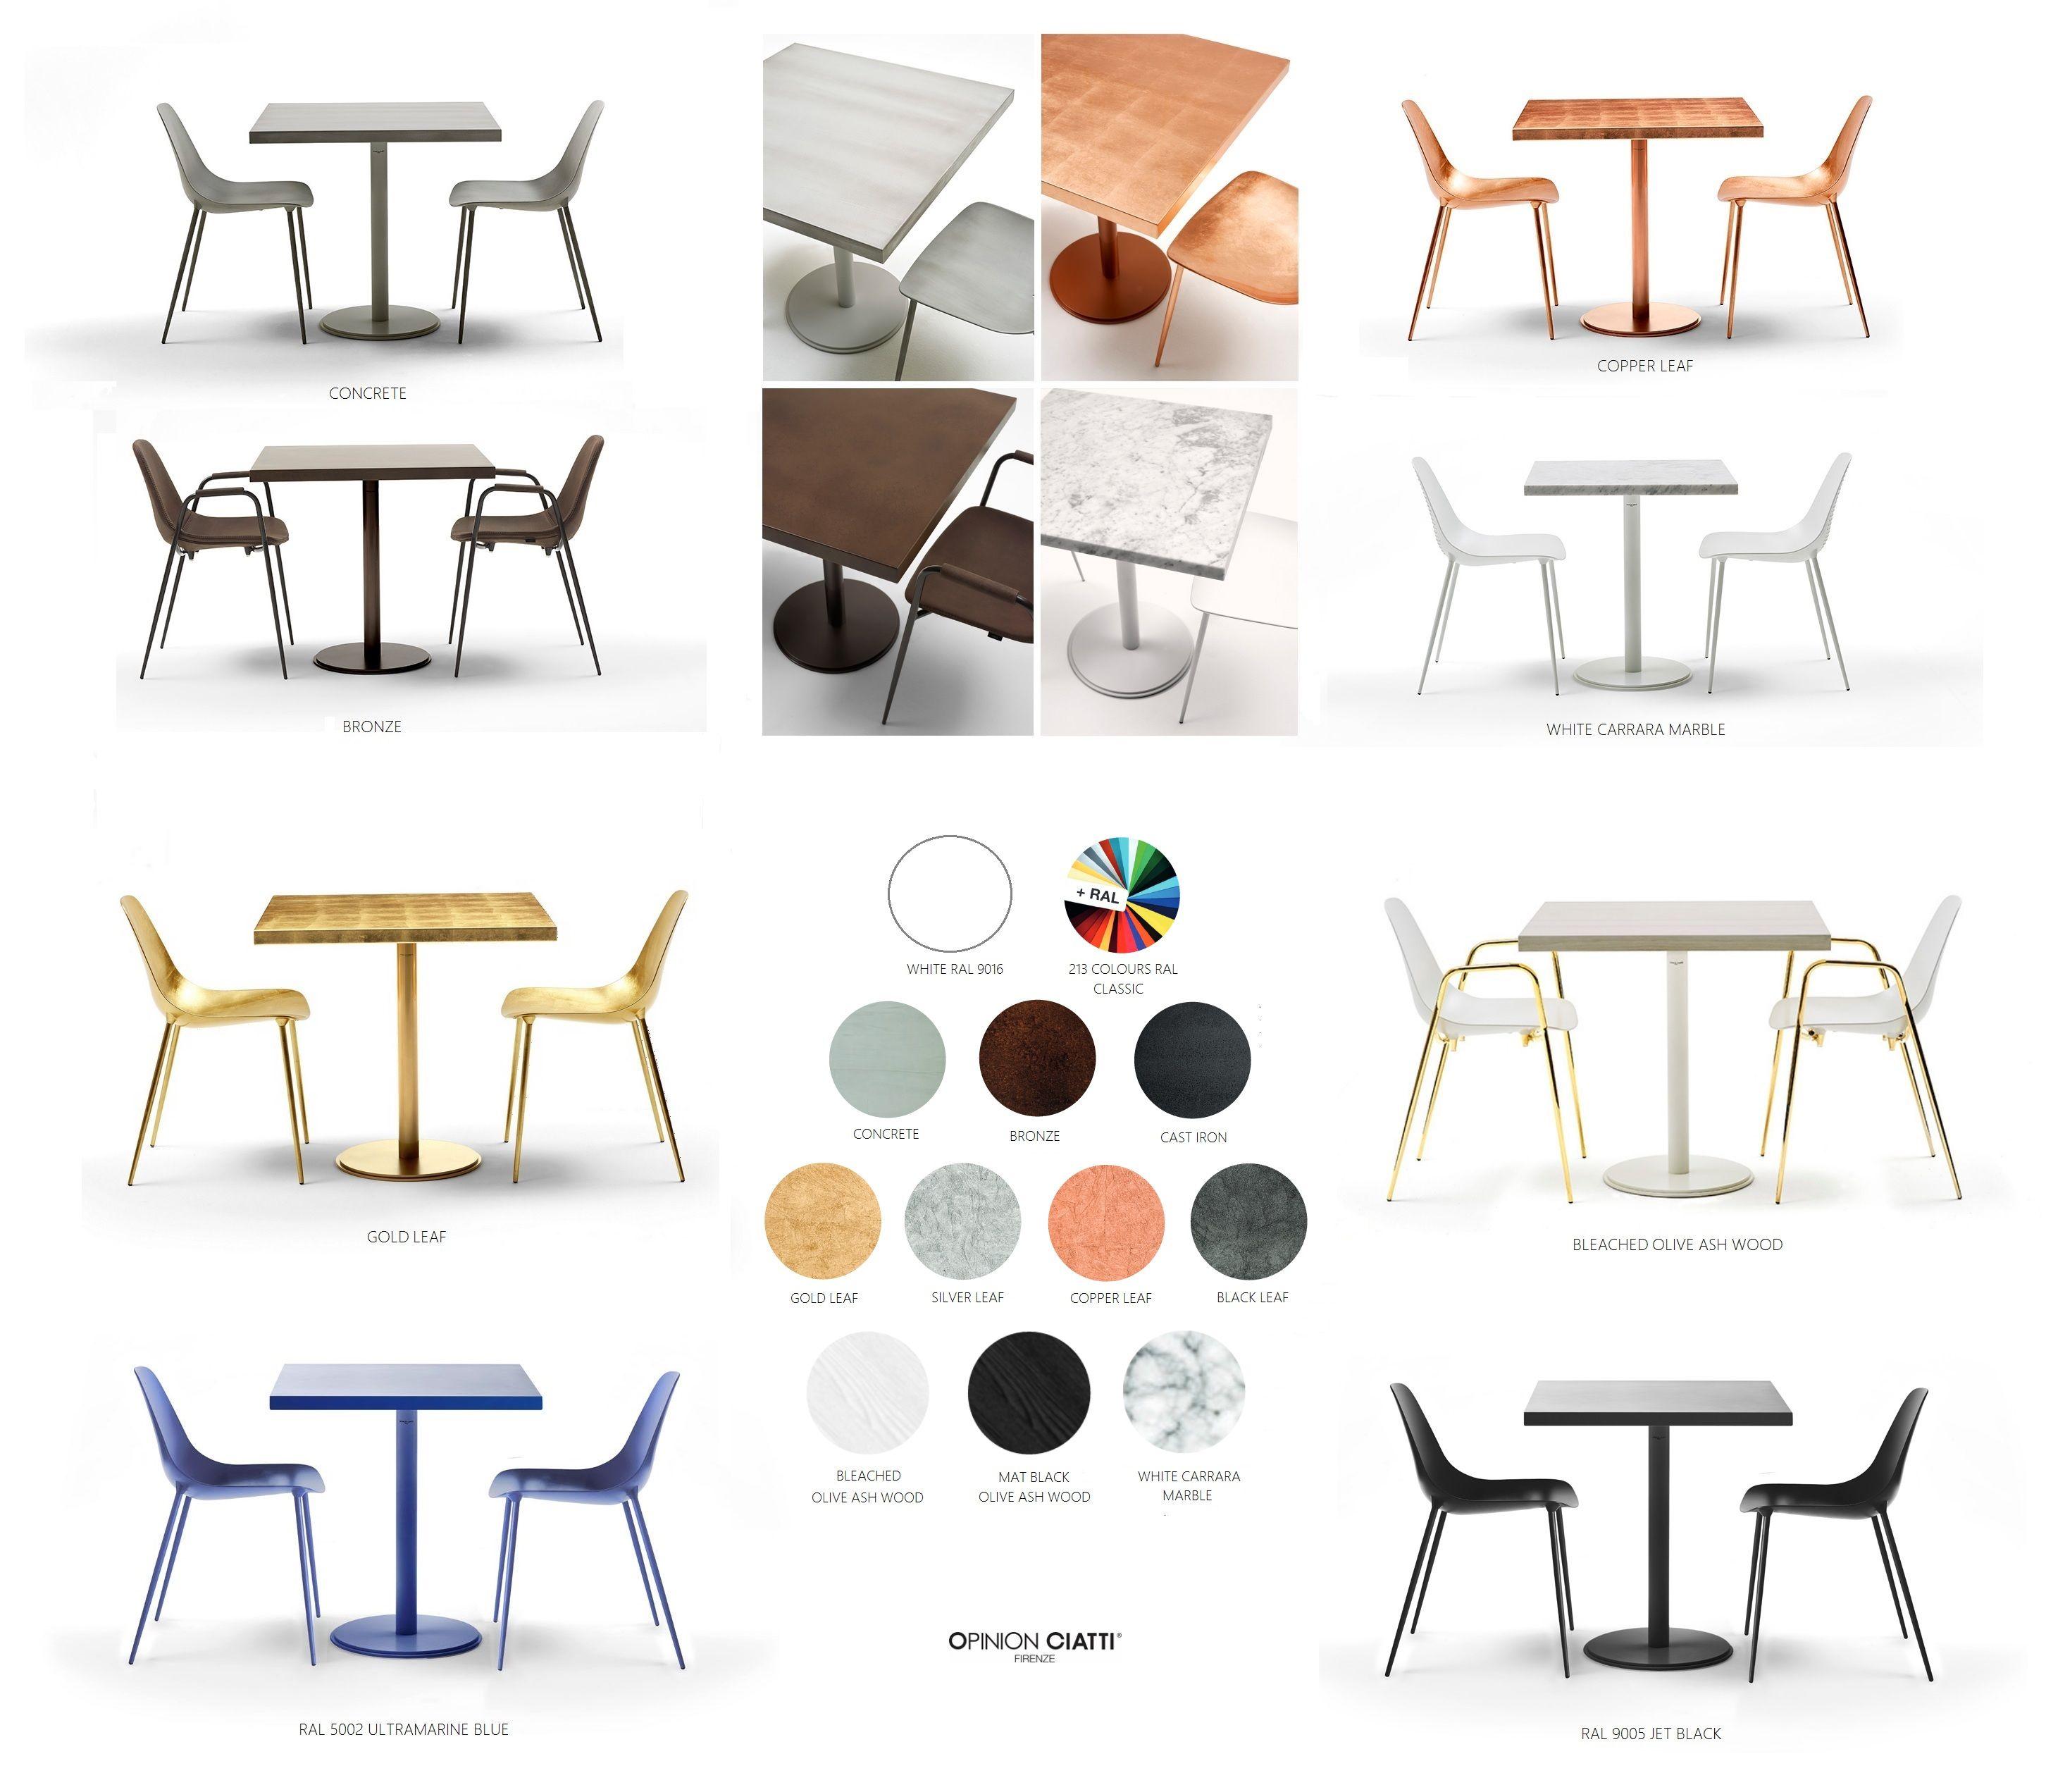 ILTAVOLO CAFFÉ square coffee table.Opinion Ciatti   Design by Lapo ...